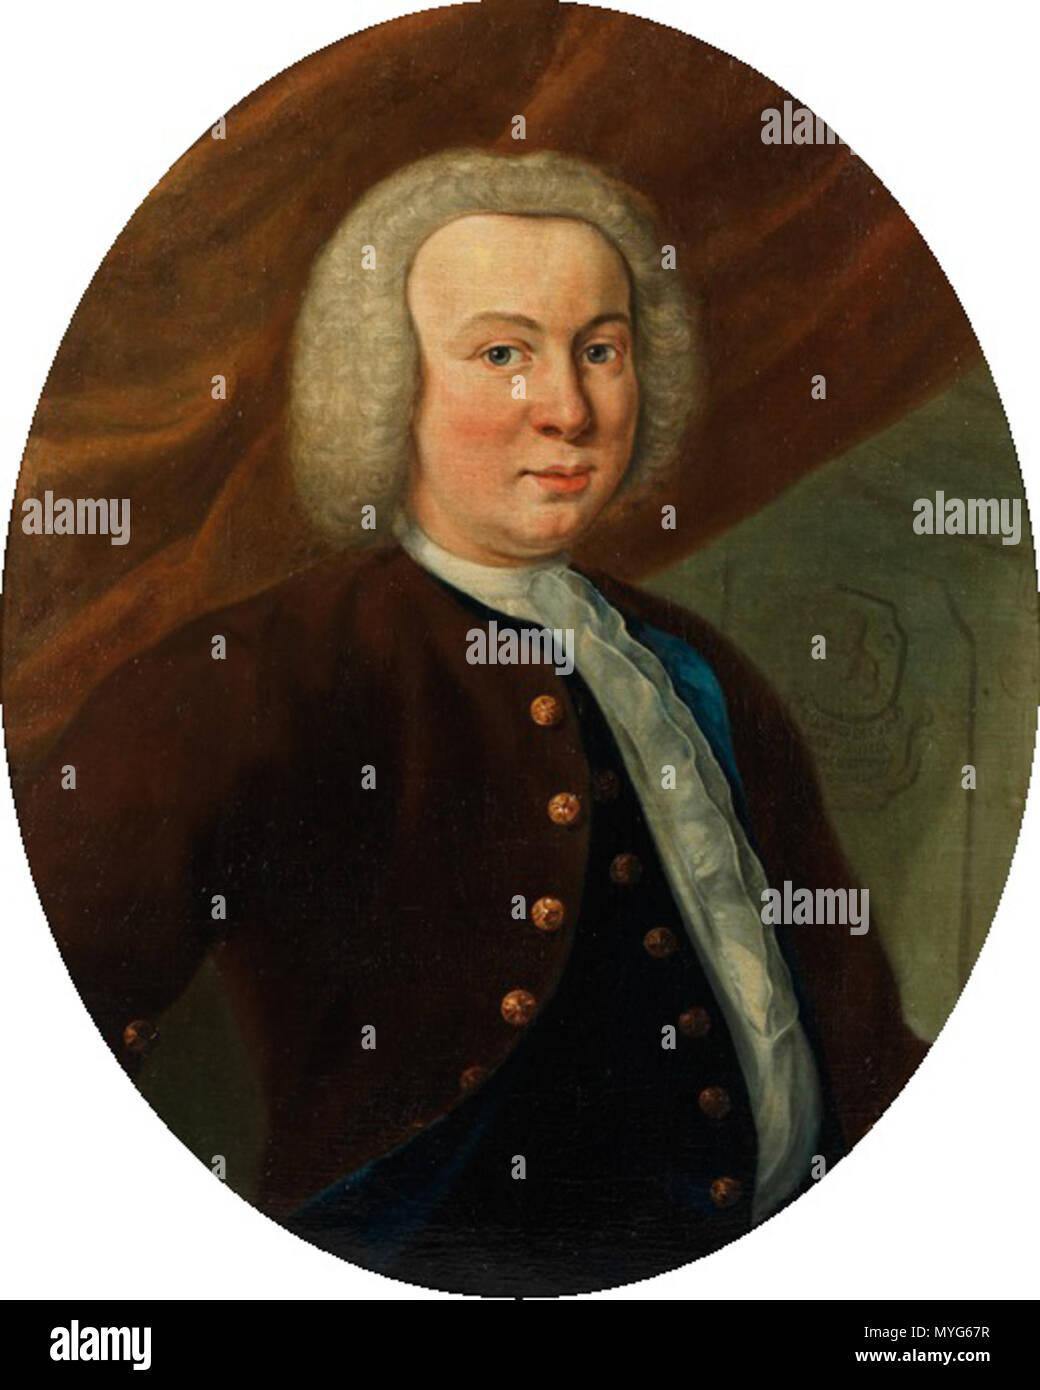 . Nederlands: Edzard Jacob Lewe van Middelstum . 1740. Johannes Antiquus (1702-1750) 278 Johannes Antiquus - Edzard Jacob Lewe van Middelstum - Stock Image